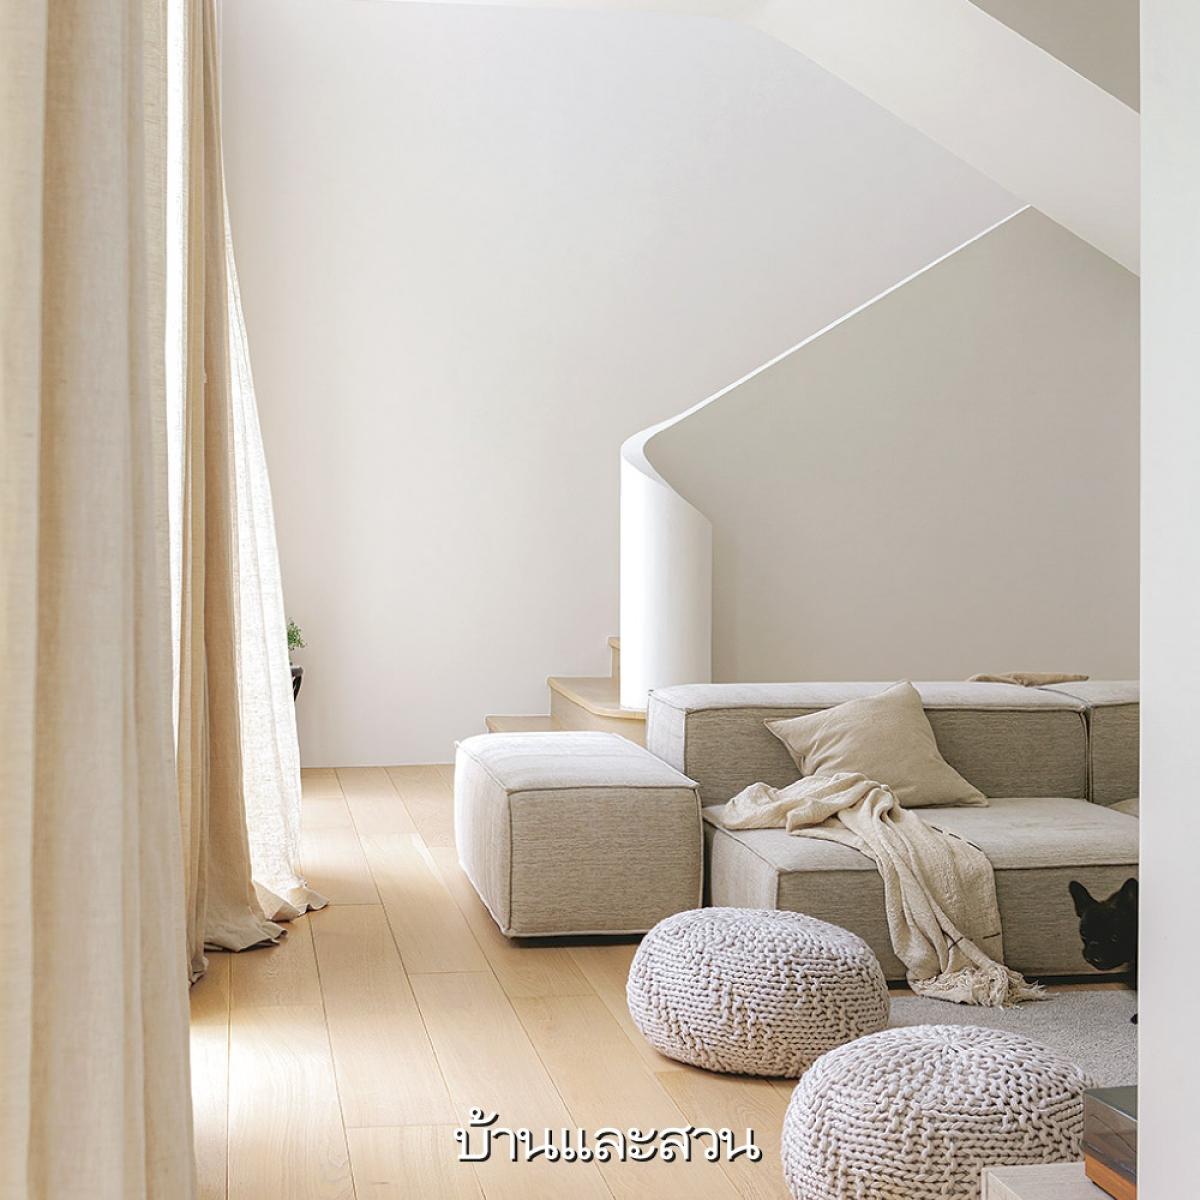 Bộ sofa nằm hay ngồi cũng rất thoải mái, đây cũng là chủ ý của gia chủ với đường nét đơn giản nhưng hấp dẫn giống như cấu trúc căn nhà vậy.